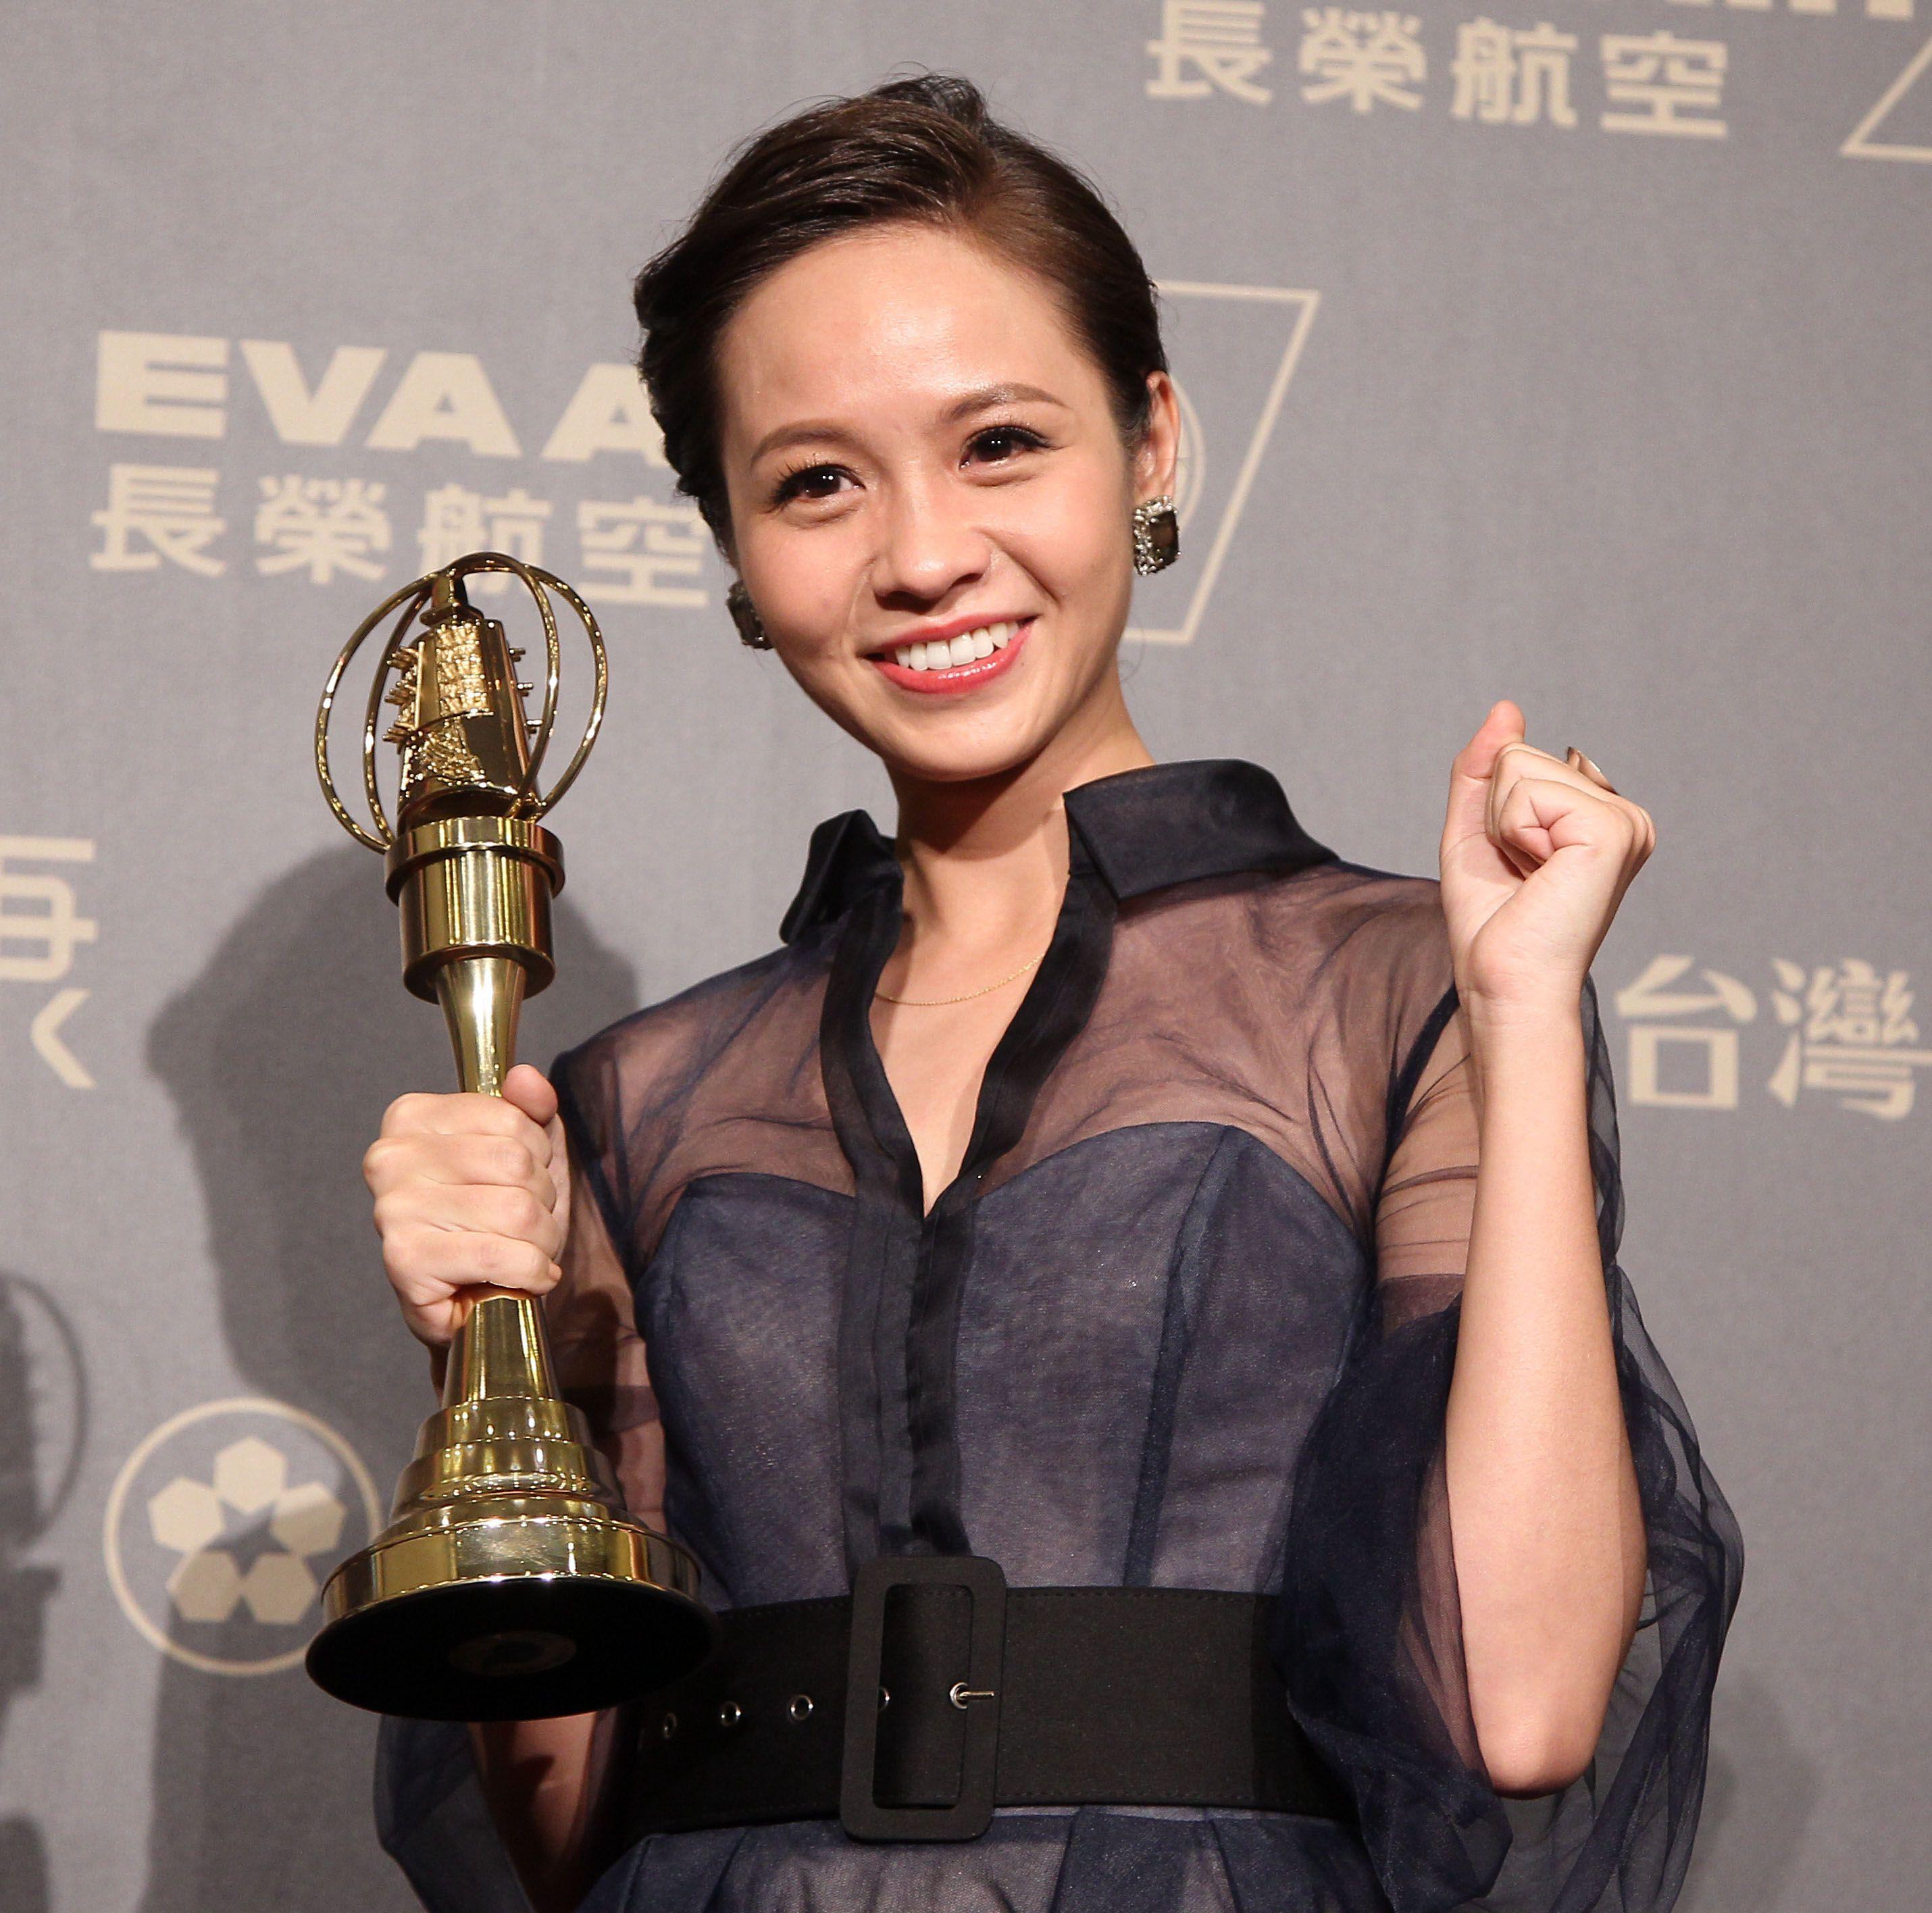 金鐘53黃姵嘉擠下眾戲精,榮獲戲劇最佳女主角。(記者邱榮吉/攝影)